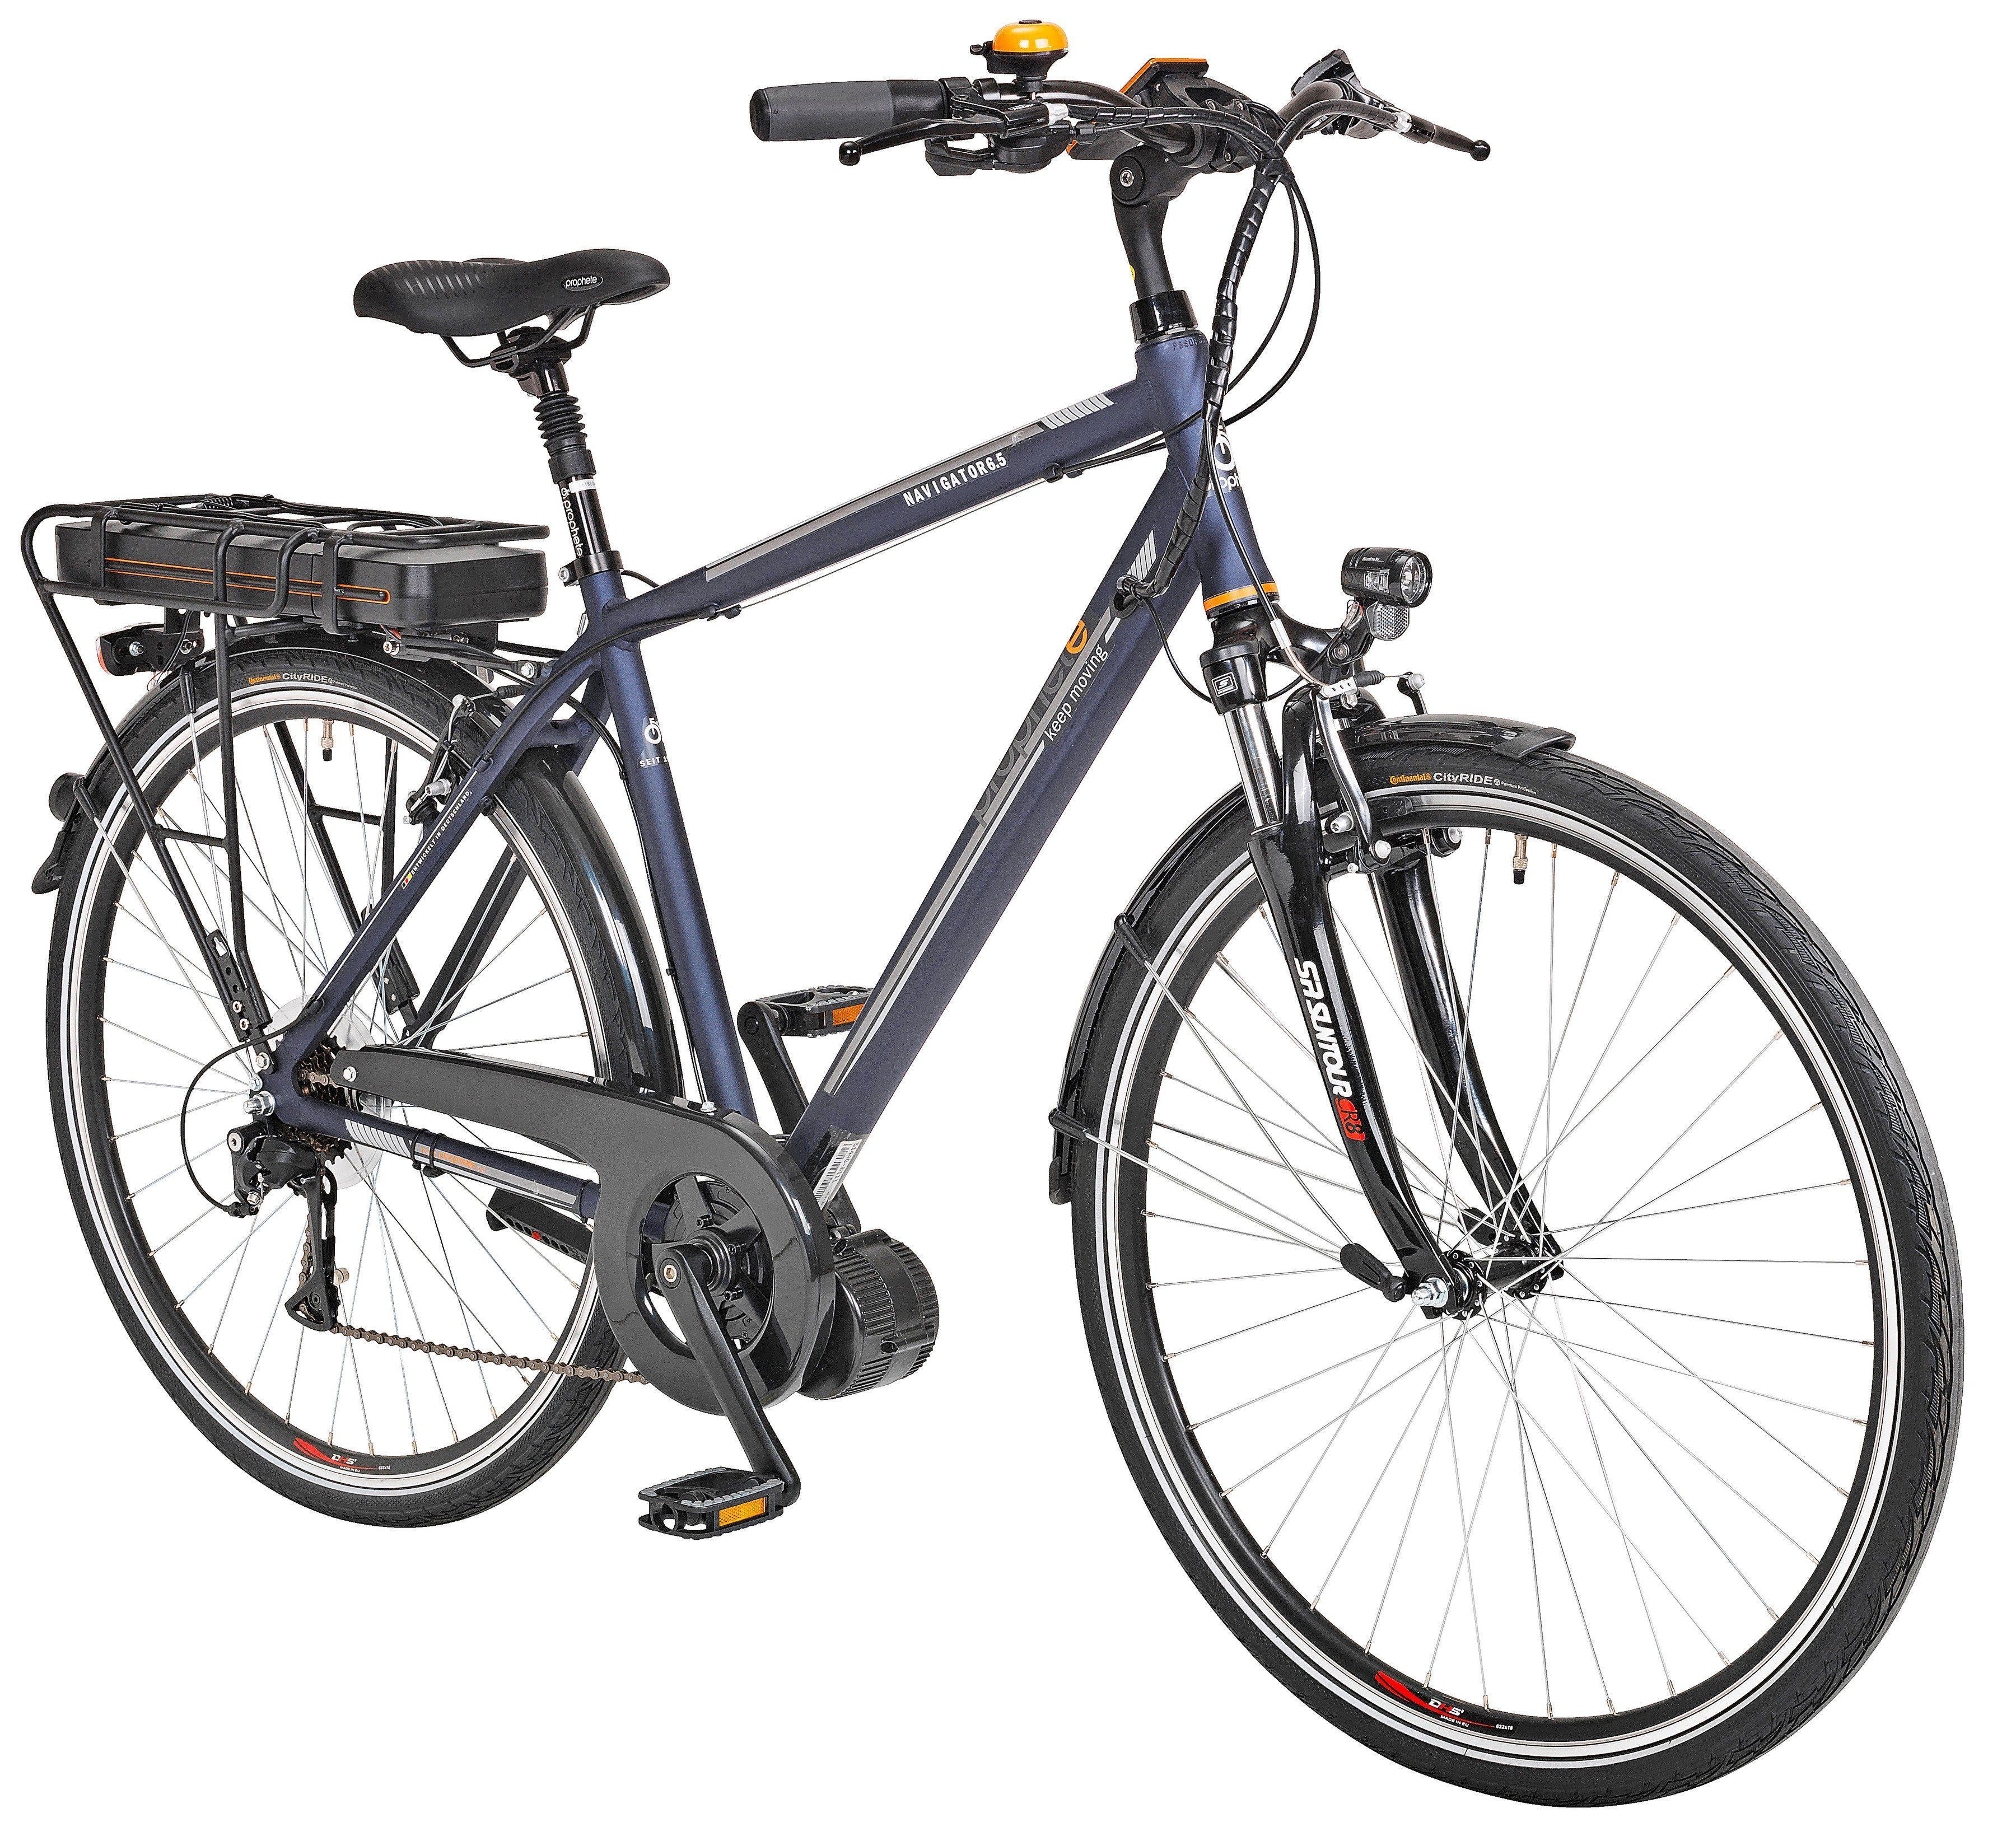 Prophete E-Bike Trekking Herren »Navigator 6.5«, 28 Zoll, 8 Gang, Mittelmotor, 468 Wh